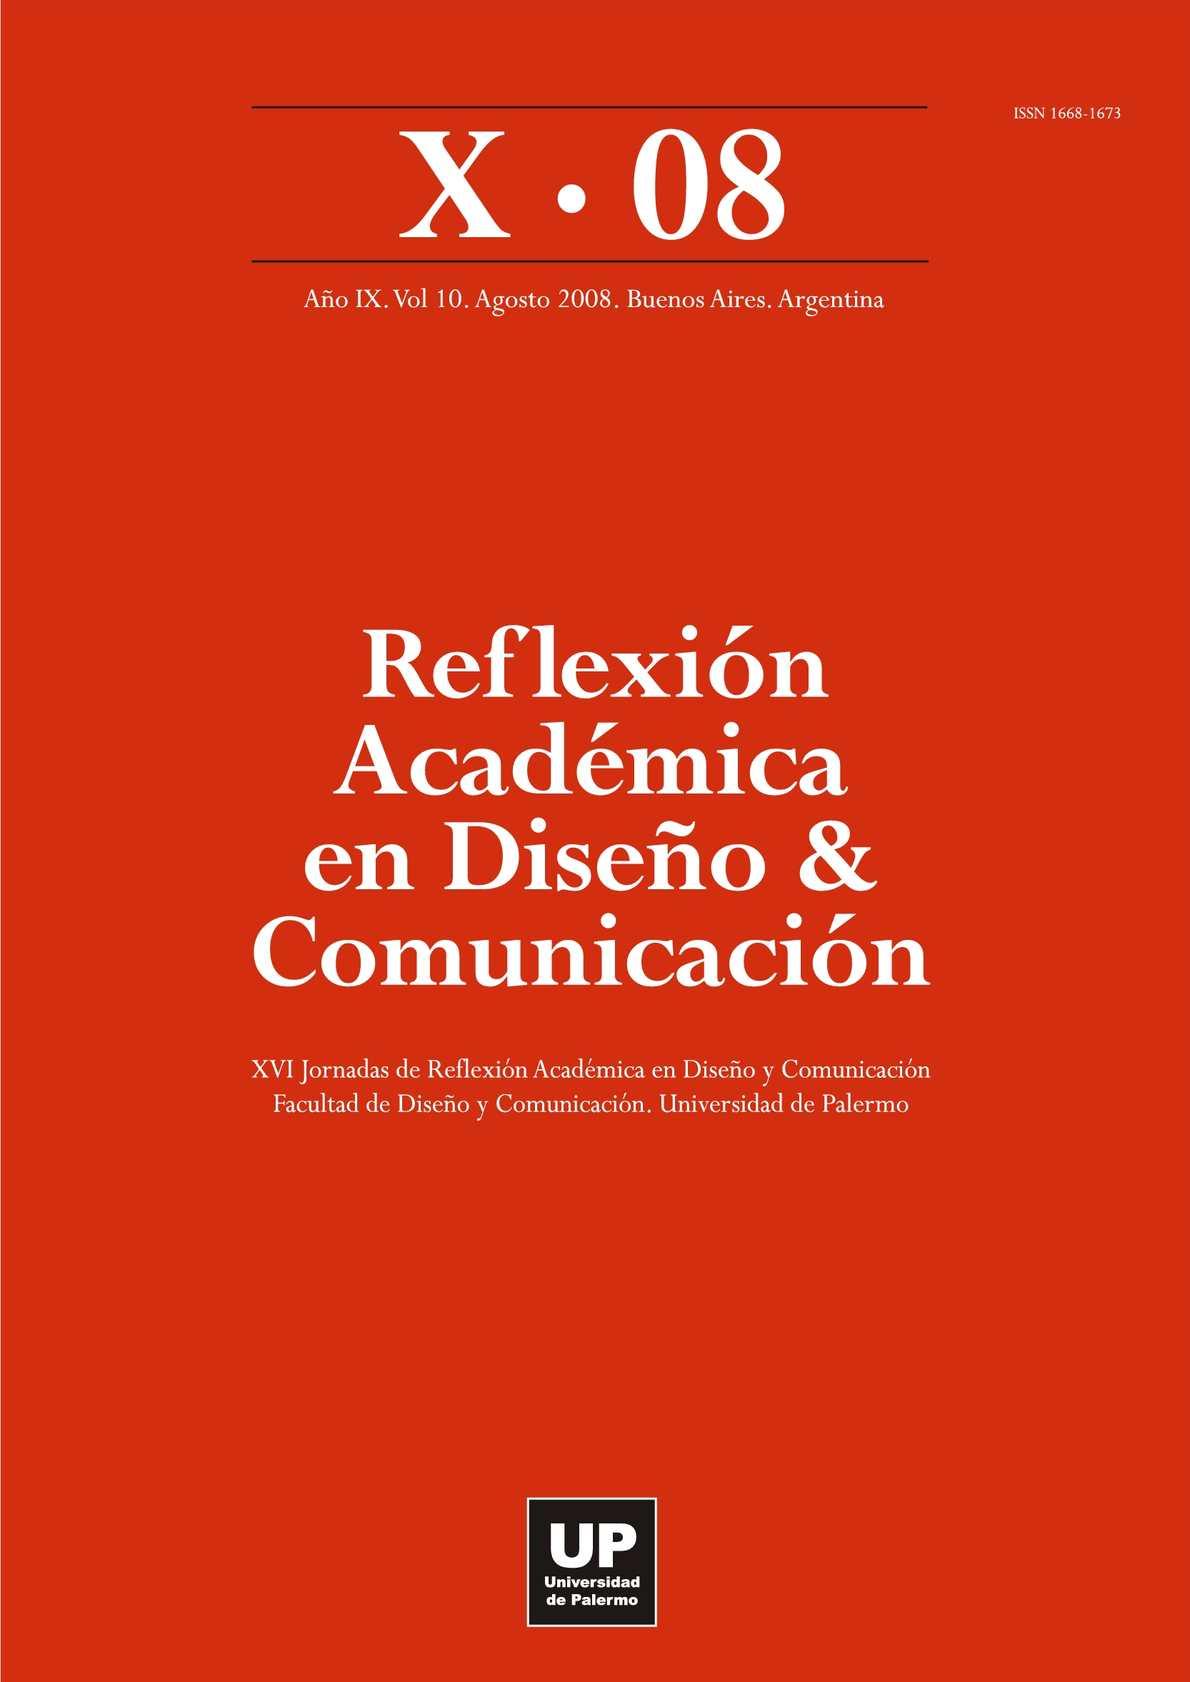 Calaméo - Diseño y Comunicación